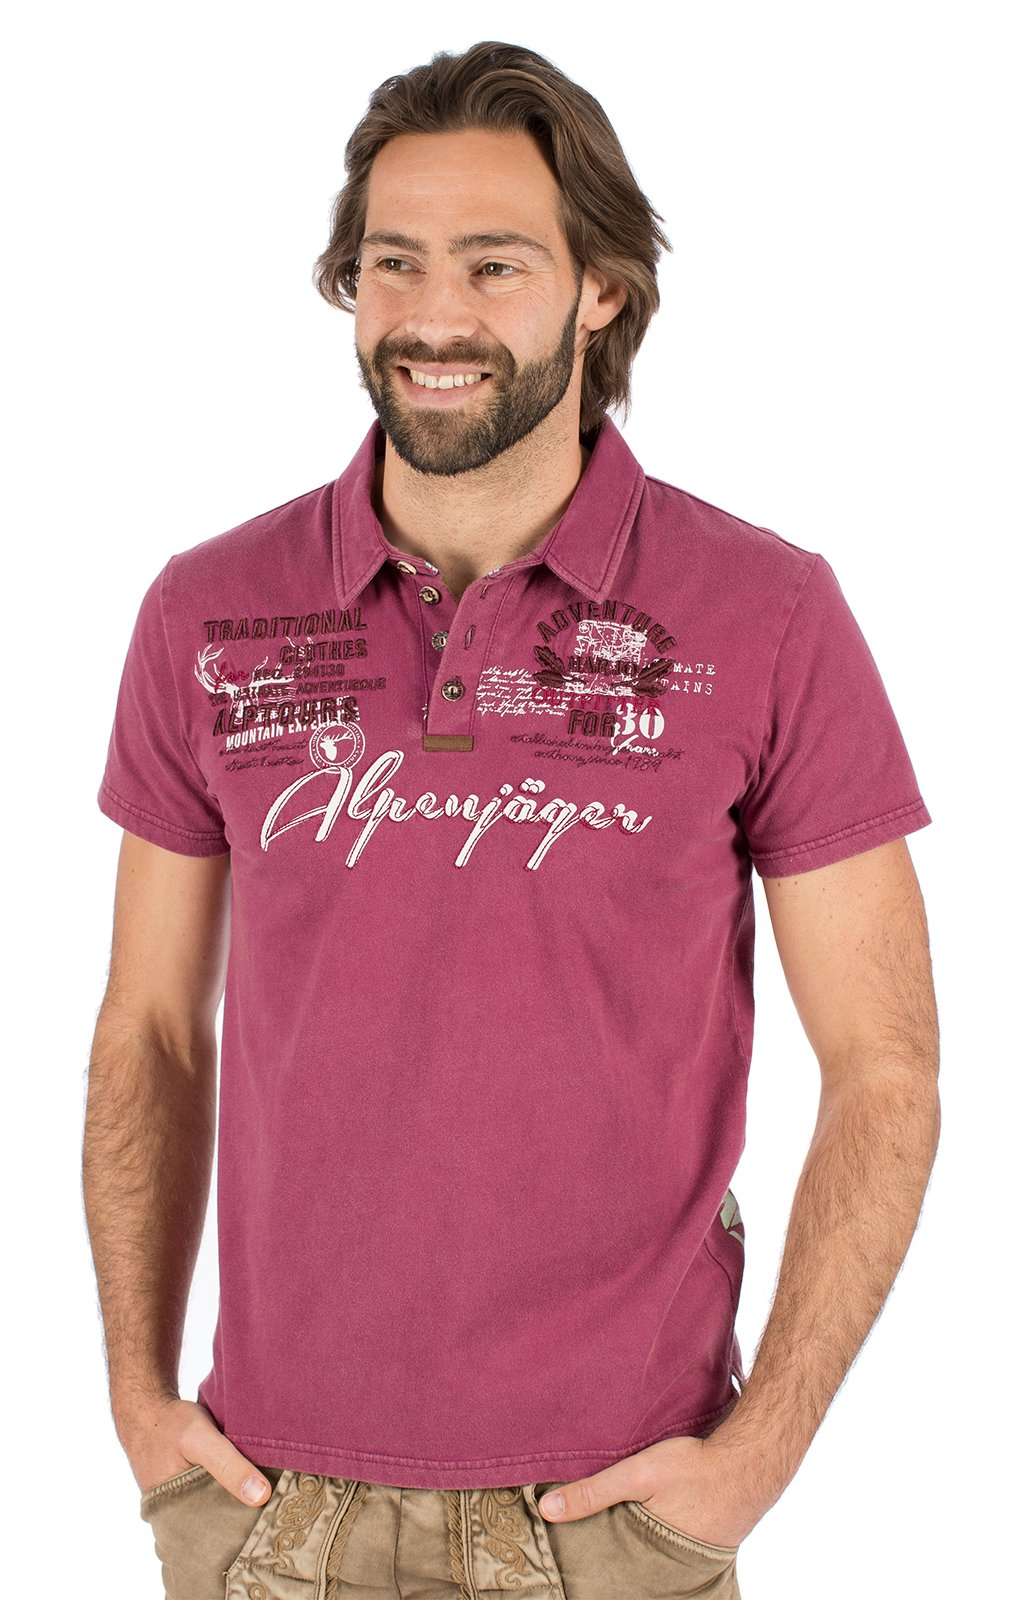 Trachten T-Shirt E09 - ALPENJAEGER bordeaux von Marjo